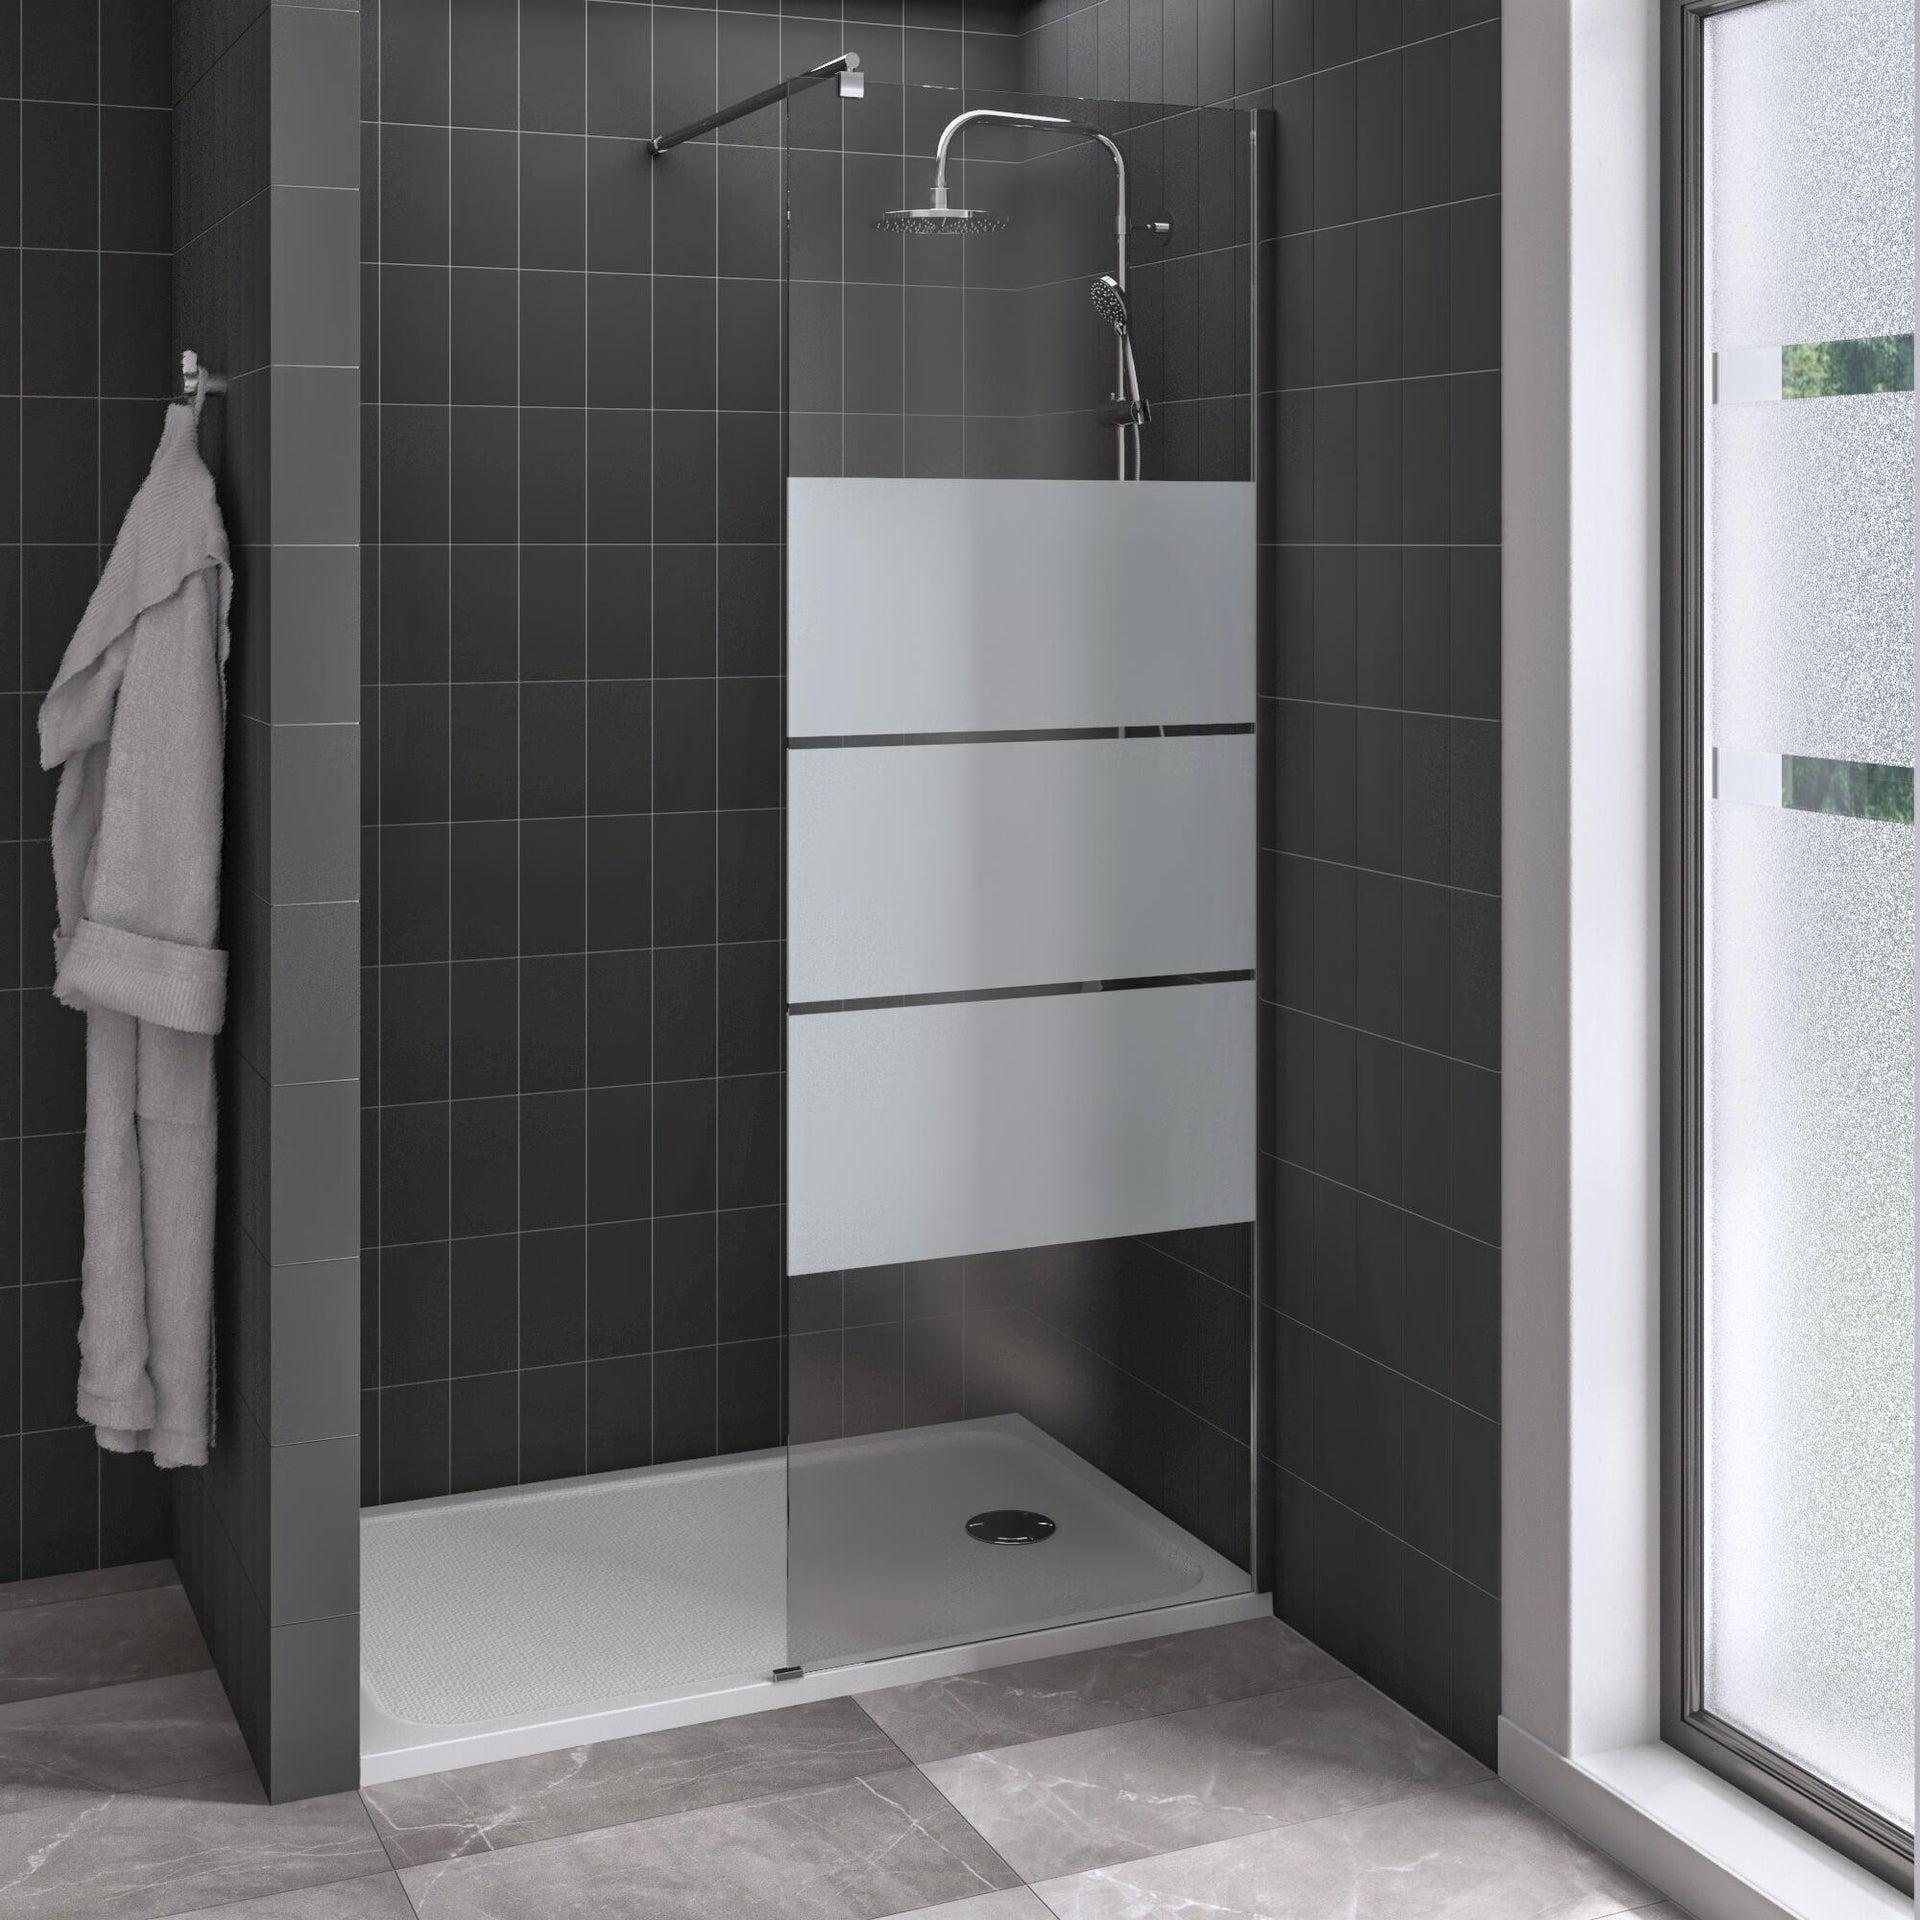 Piatto doccia resina sintetica e polvere di marmo Easy 80 x 120 cm bianco - 20